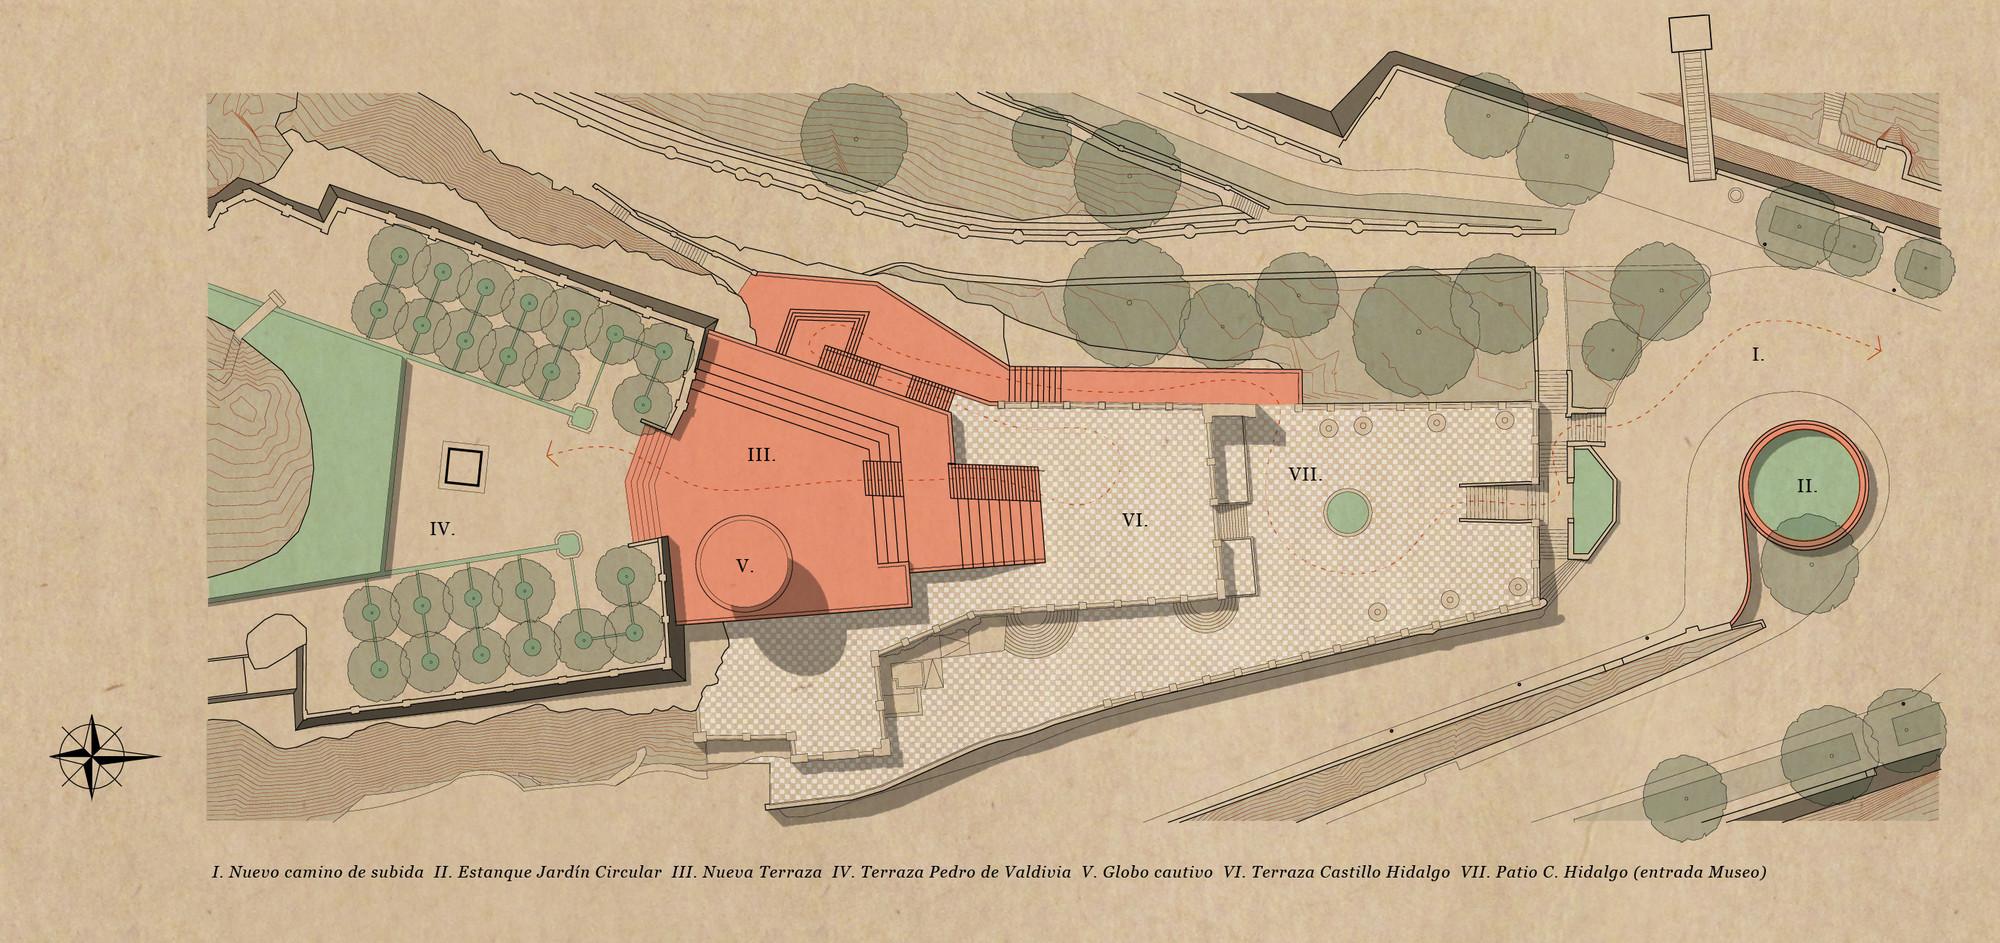 Planta Castillo Hidalgo. Image Cortesia de Mario Pérez de Arce Arquitectos y Asociados